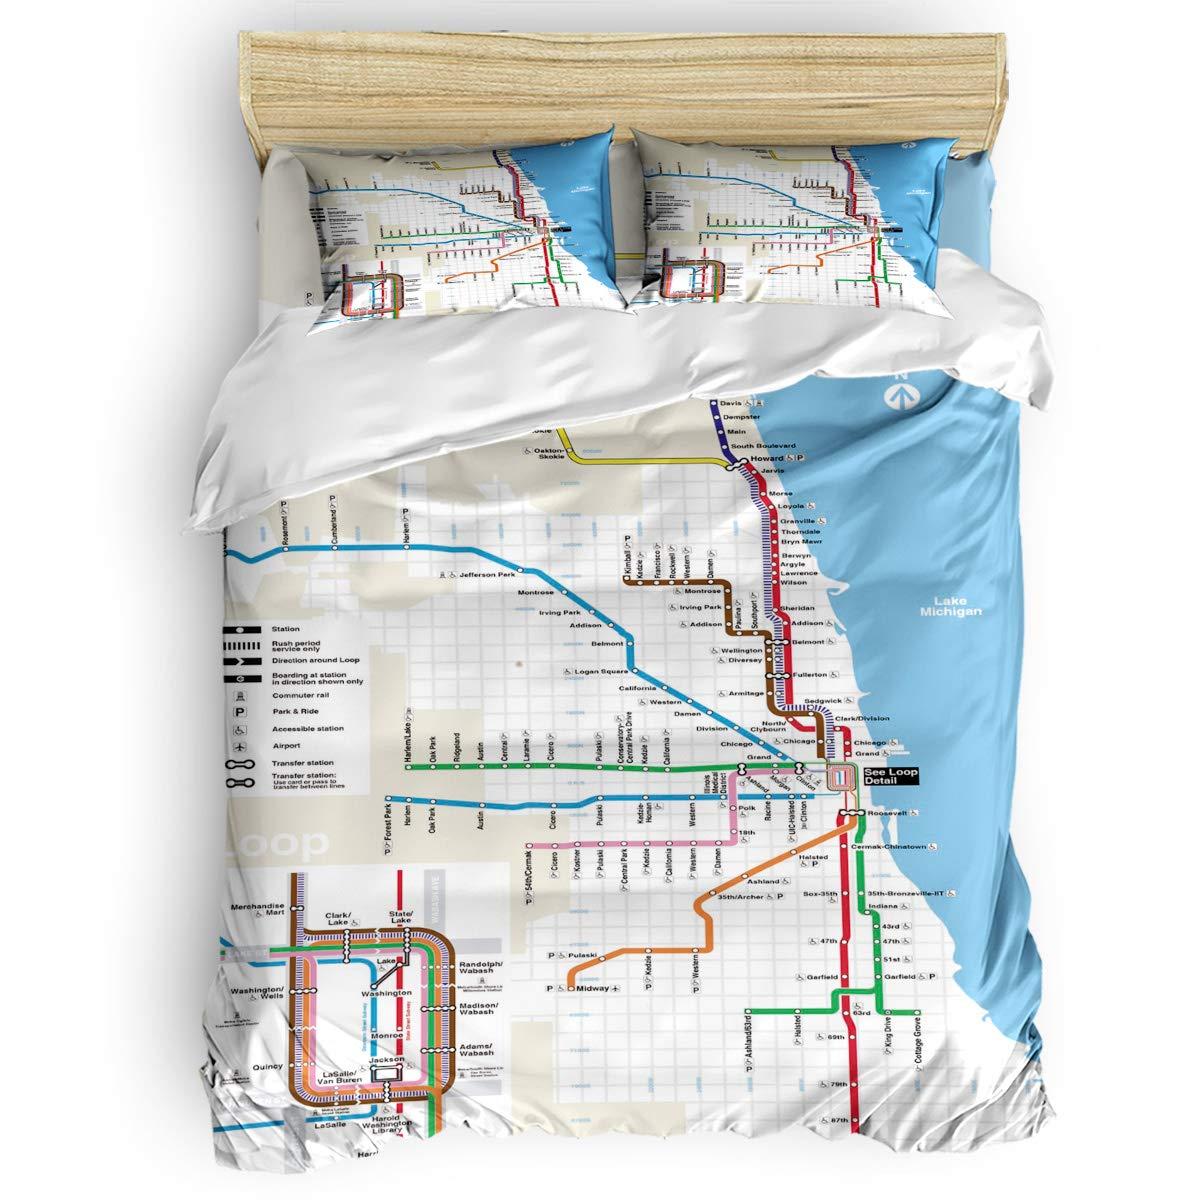 掛け布団カバー 4点セット 夢幻蓮 寝具カバーセット ベッド用 べッドシーツ 枕カバー 洋式 和式兼用 布団カバー 肌に優しい 羽毛布団セット 100%ポリエステル クイーン B07TC3L5ZJ Map2LAS9427 クイーン